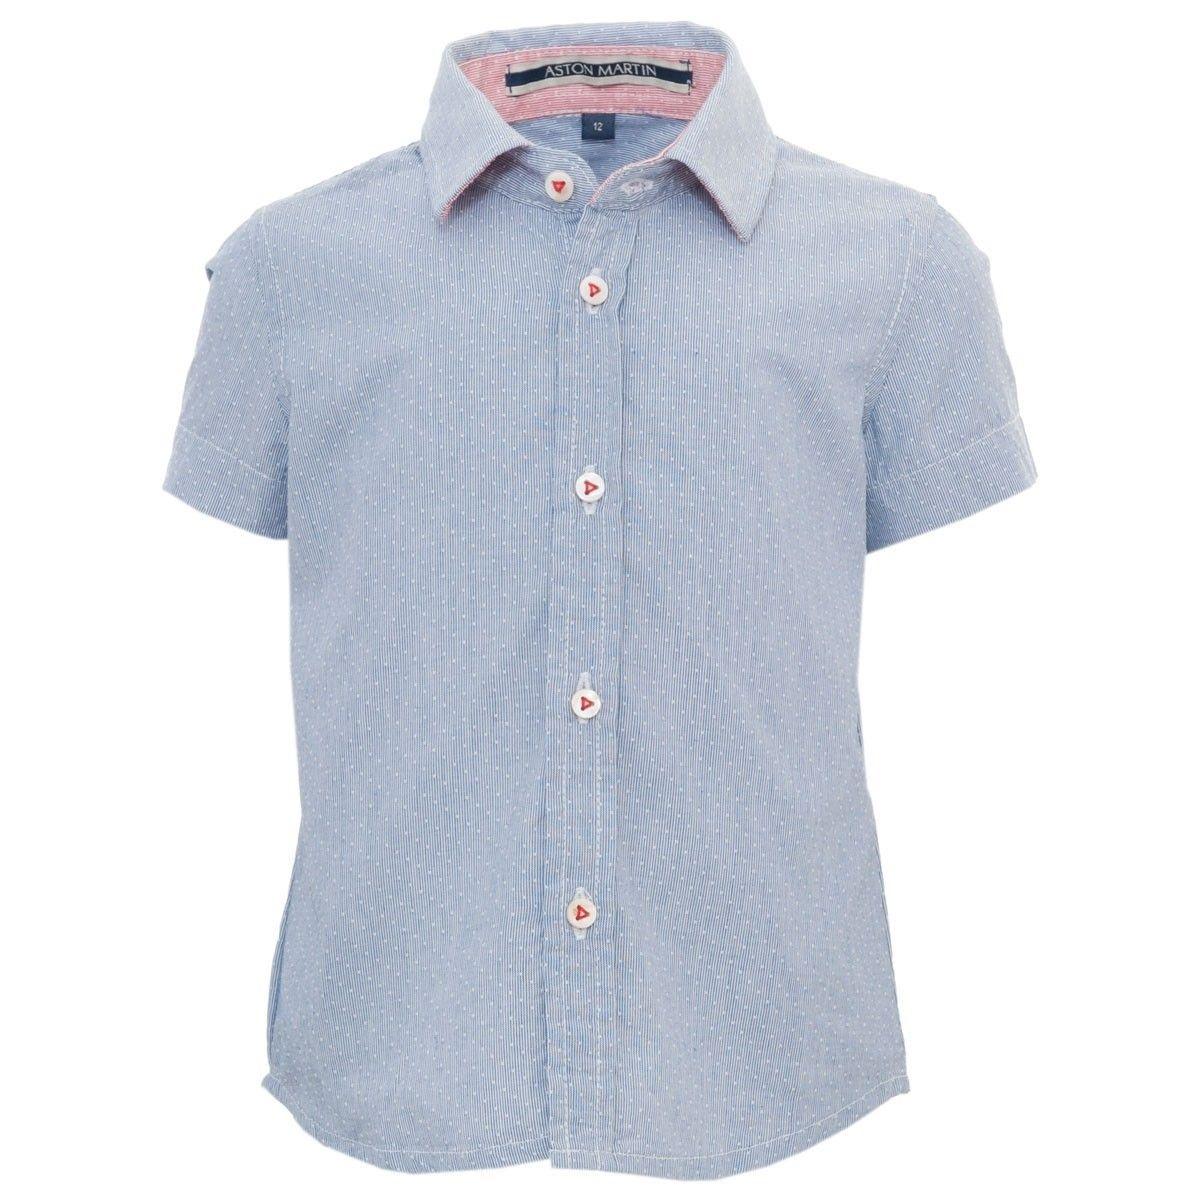 Chemise manches courtes bleue